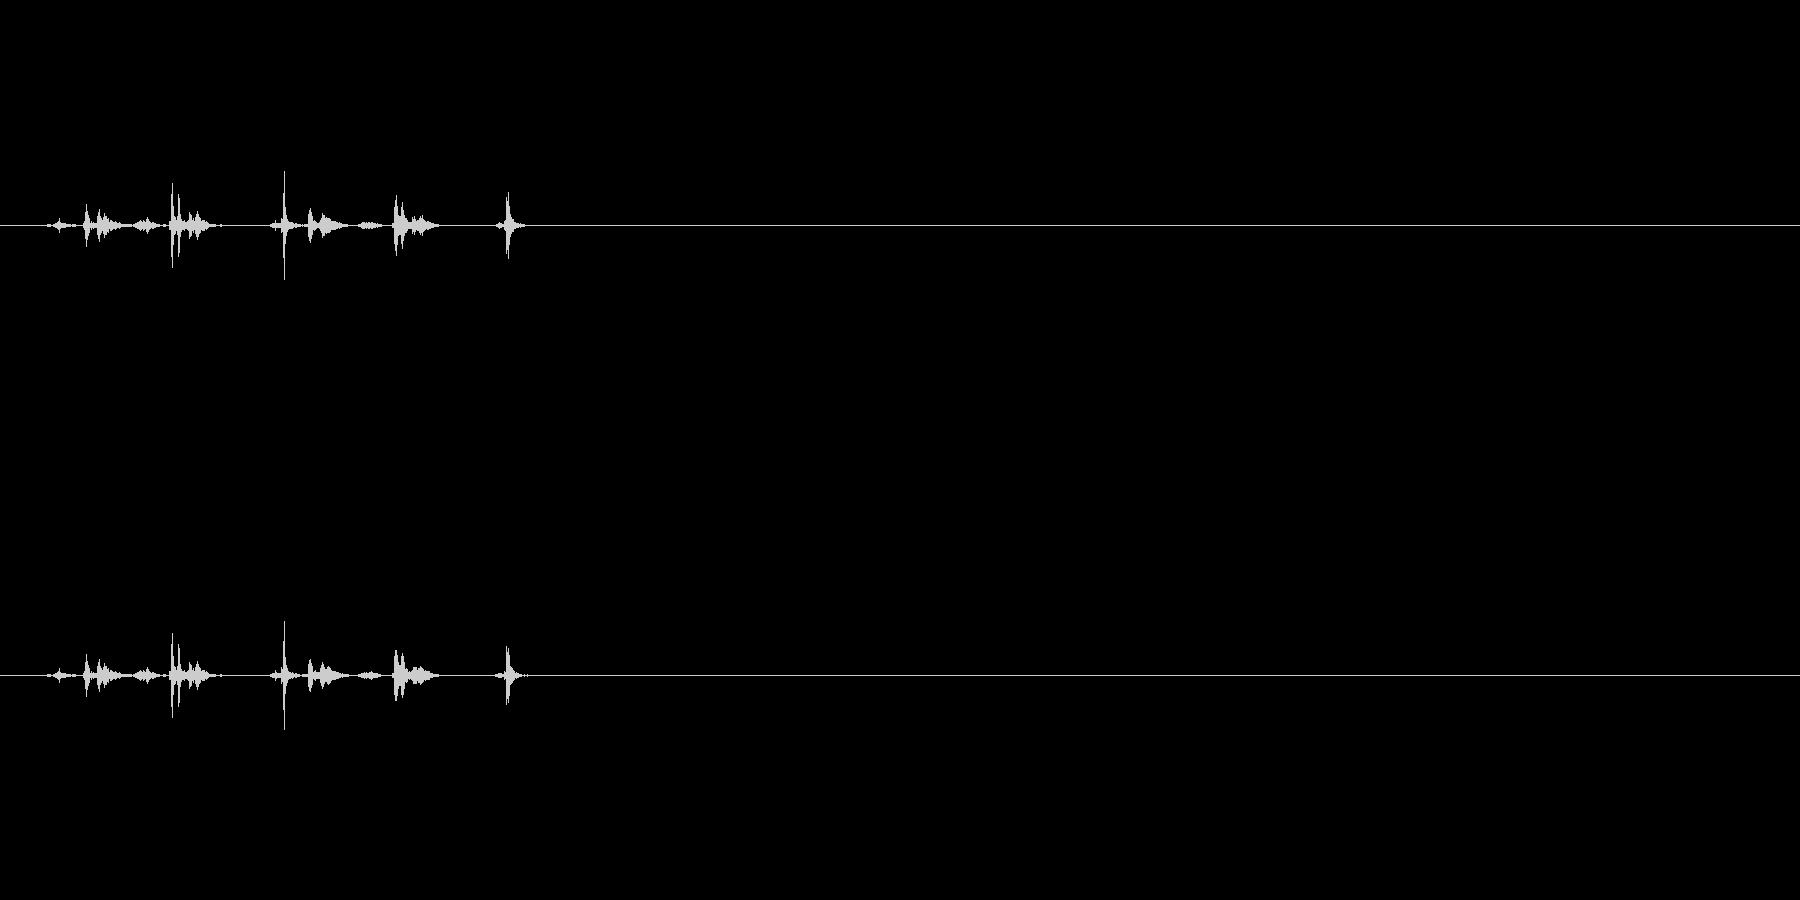 シャッター音03(2連写)Var2-1の未再生の波形